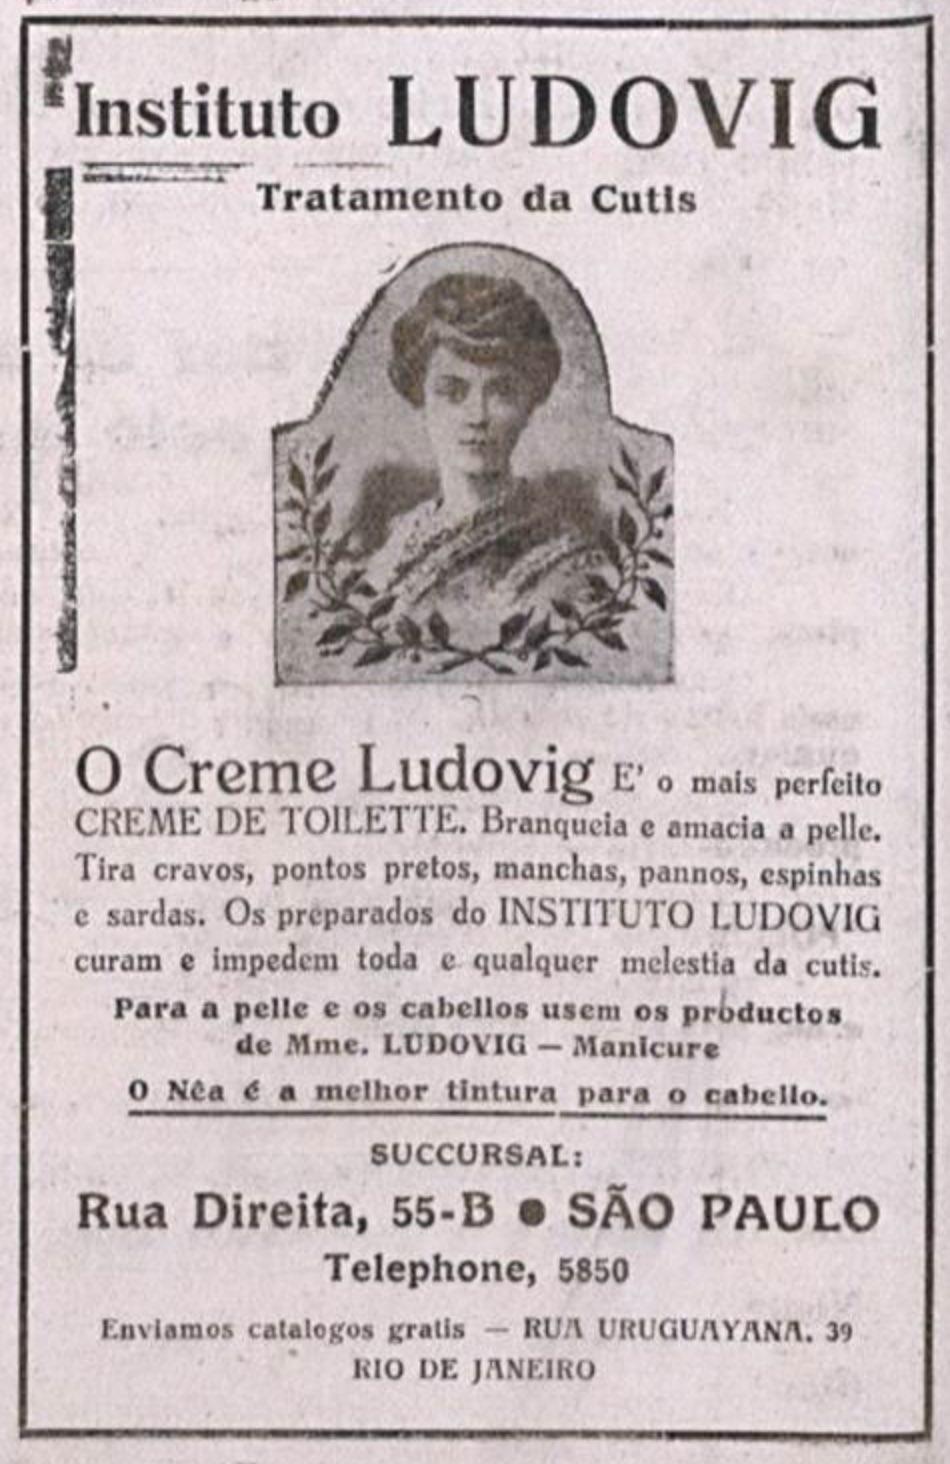 Anúncio antigo de centro de estética veiculado em 1922